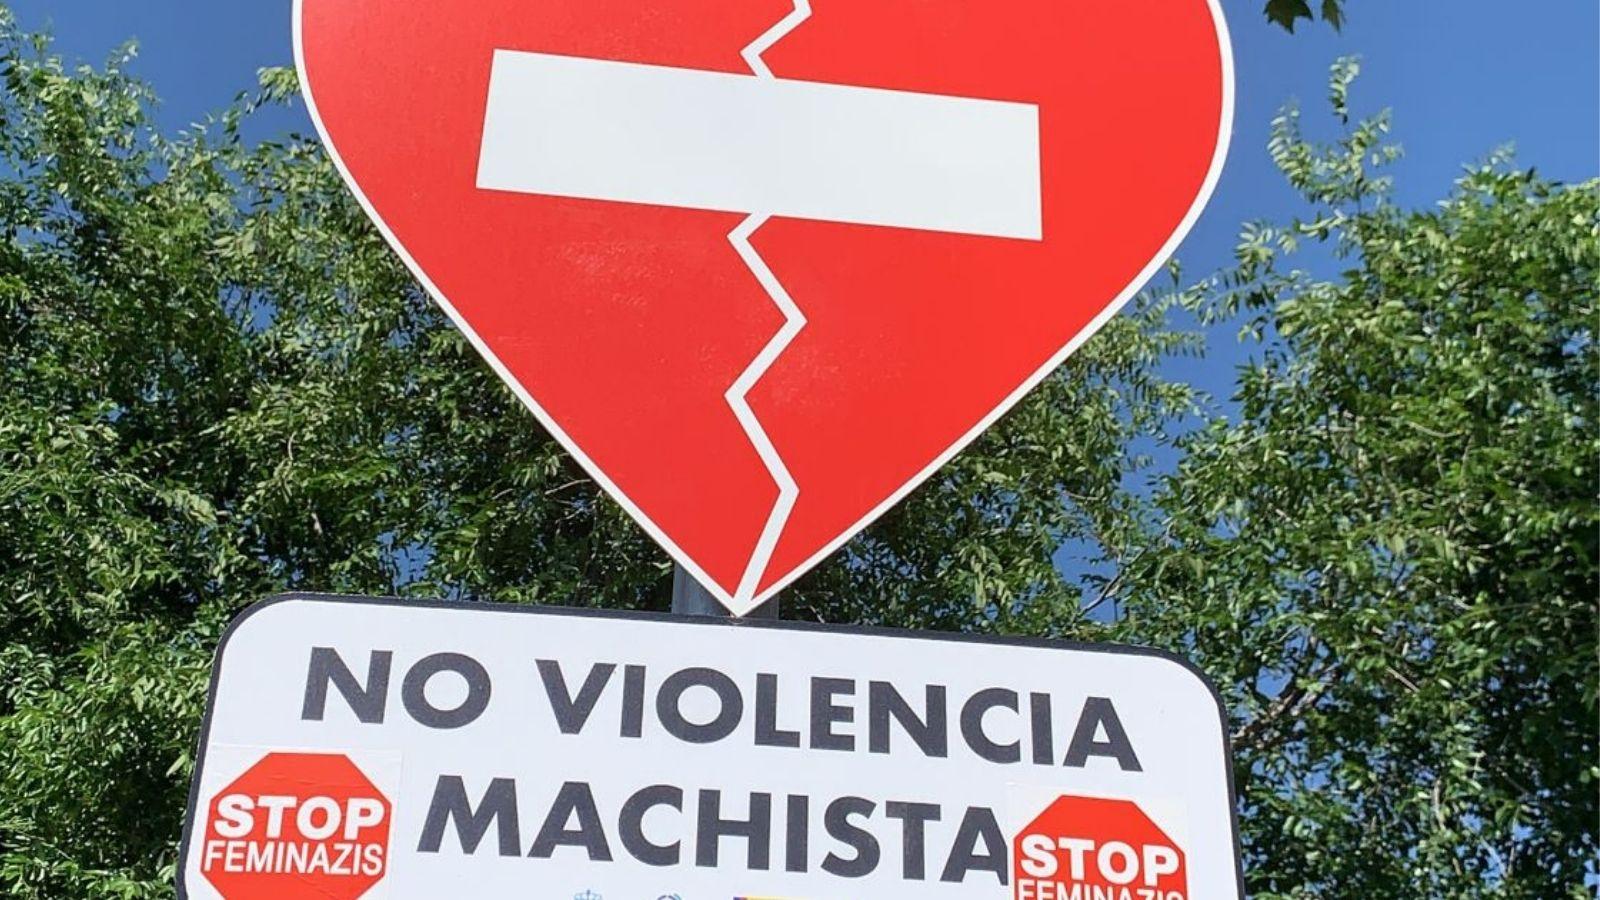 Vandalismo en algunas de las señales contra la violencia machista